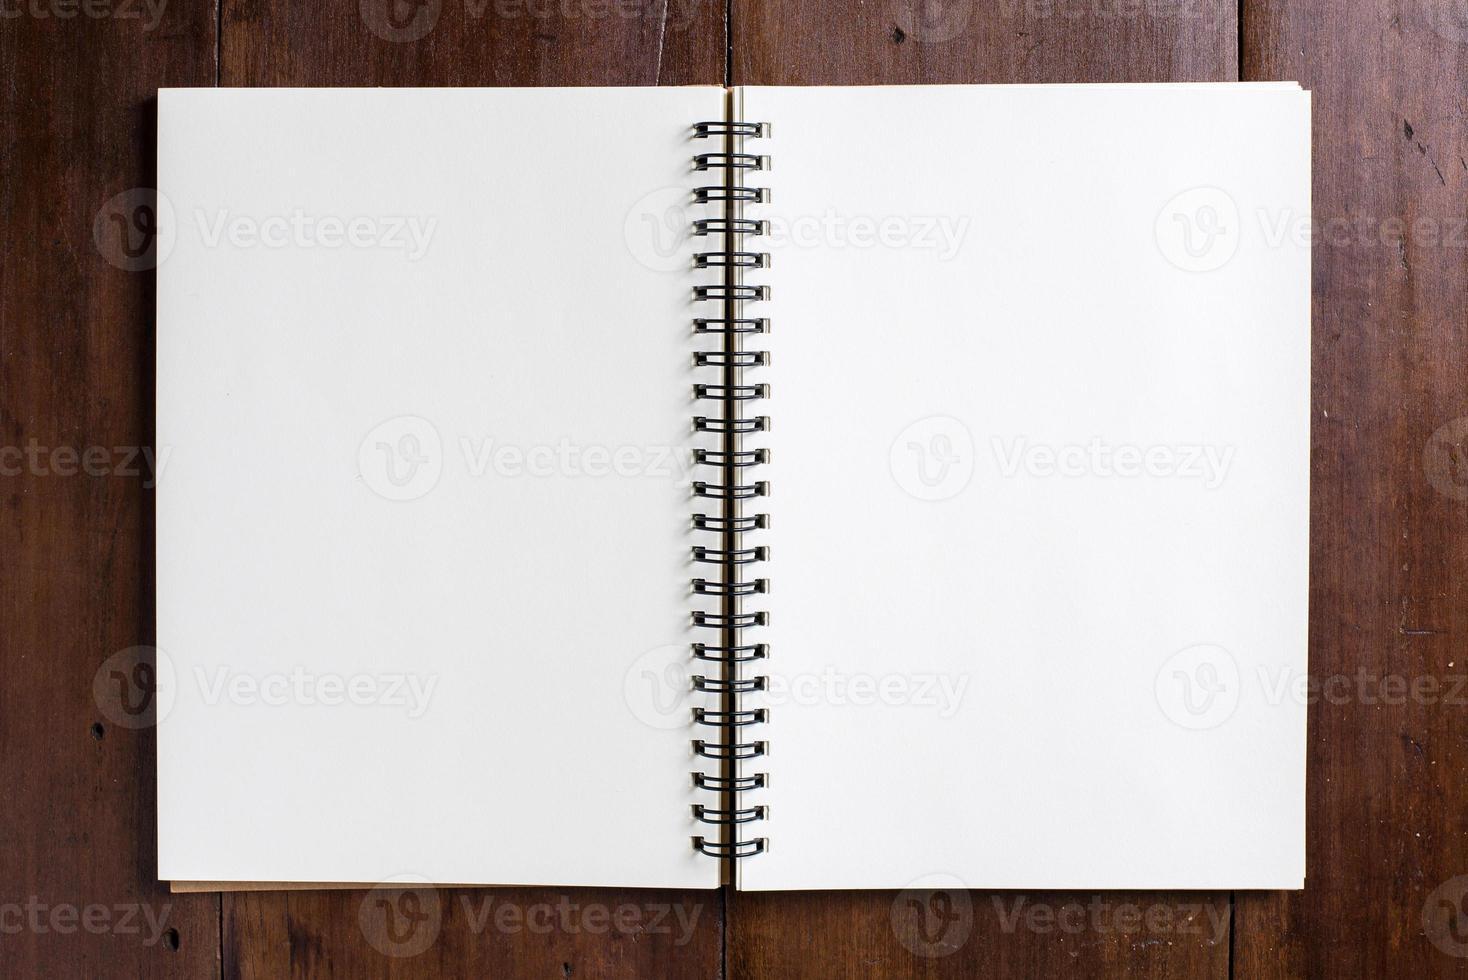 recept anteckningsbok på trä bakgrund foto